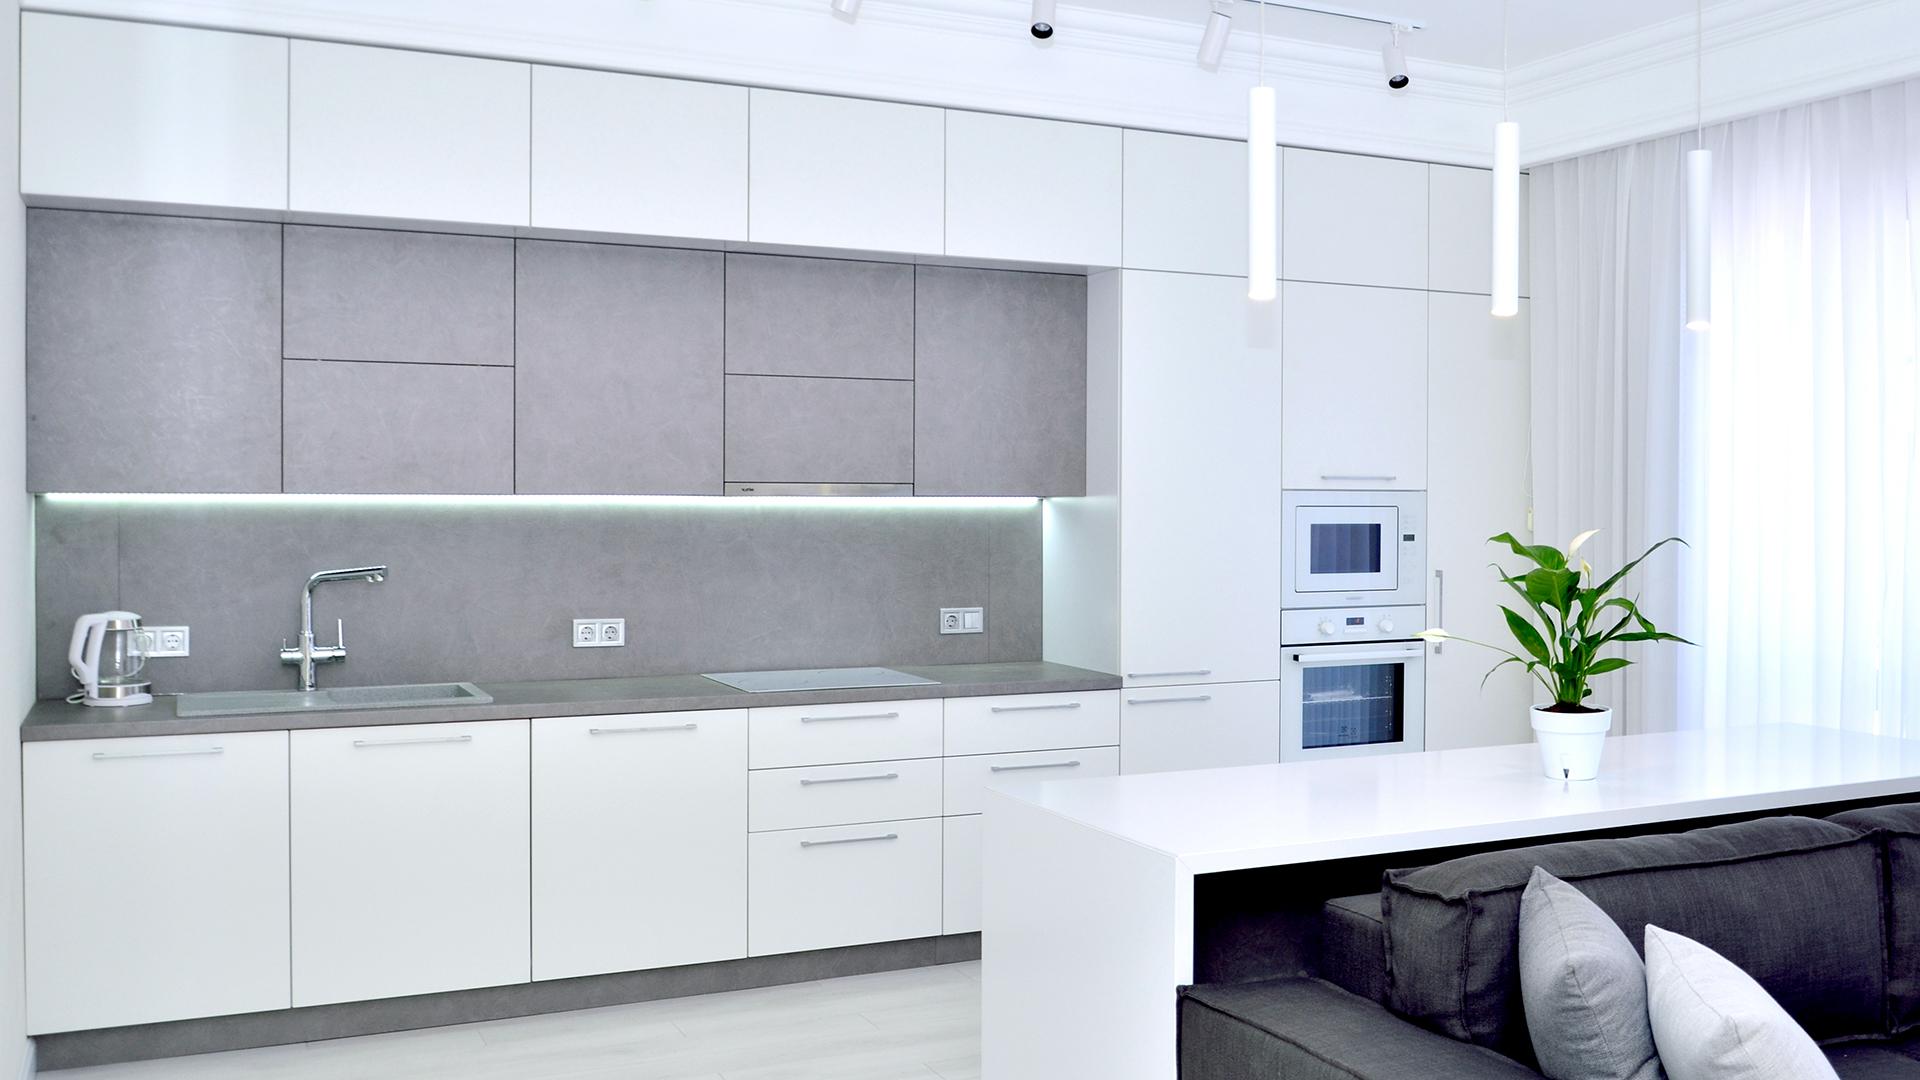 дизайн кухонного гарнитура белый глянец фото непроходимой тайги